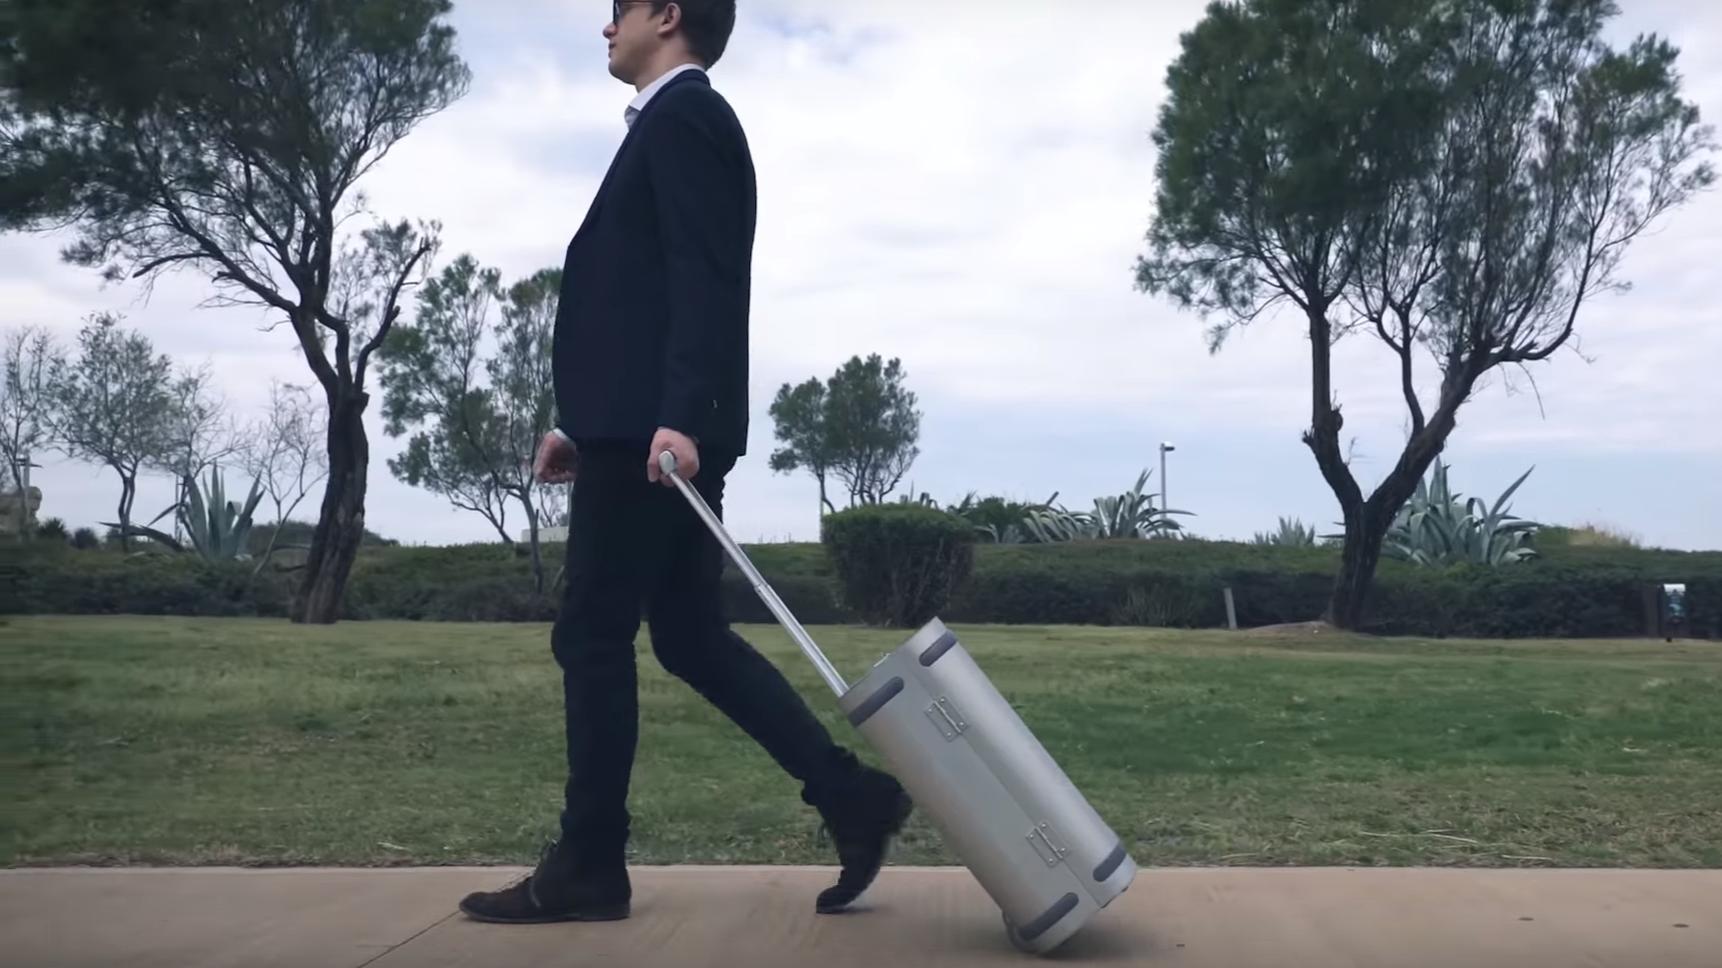 Denne smarte kofferten har samlet inn åtte ganger finansieringsmålet på Kickstarter